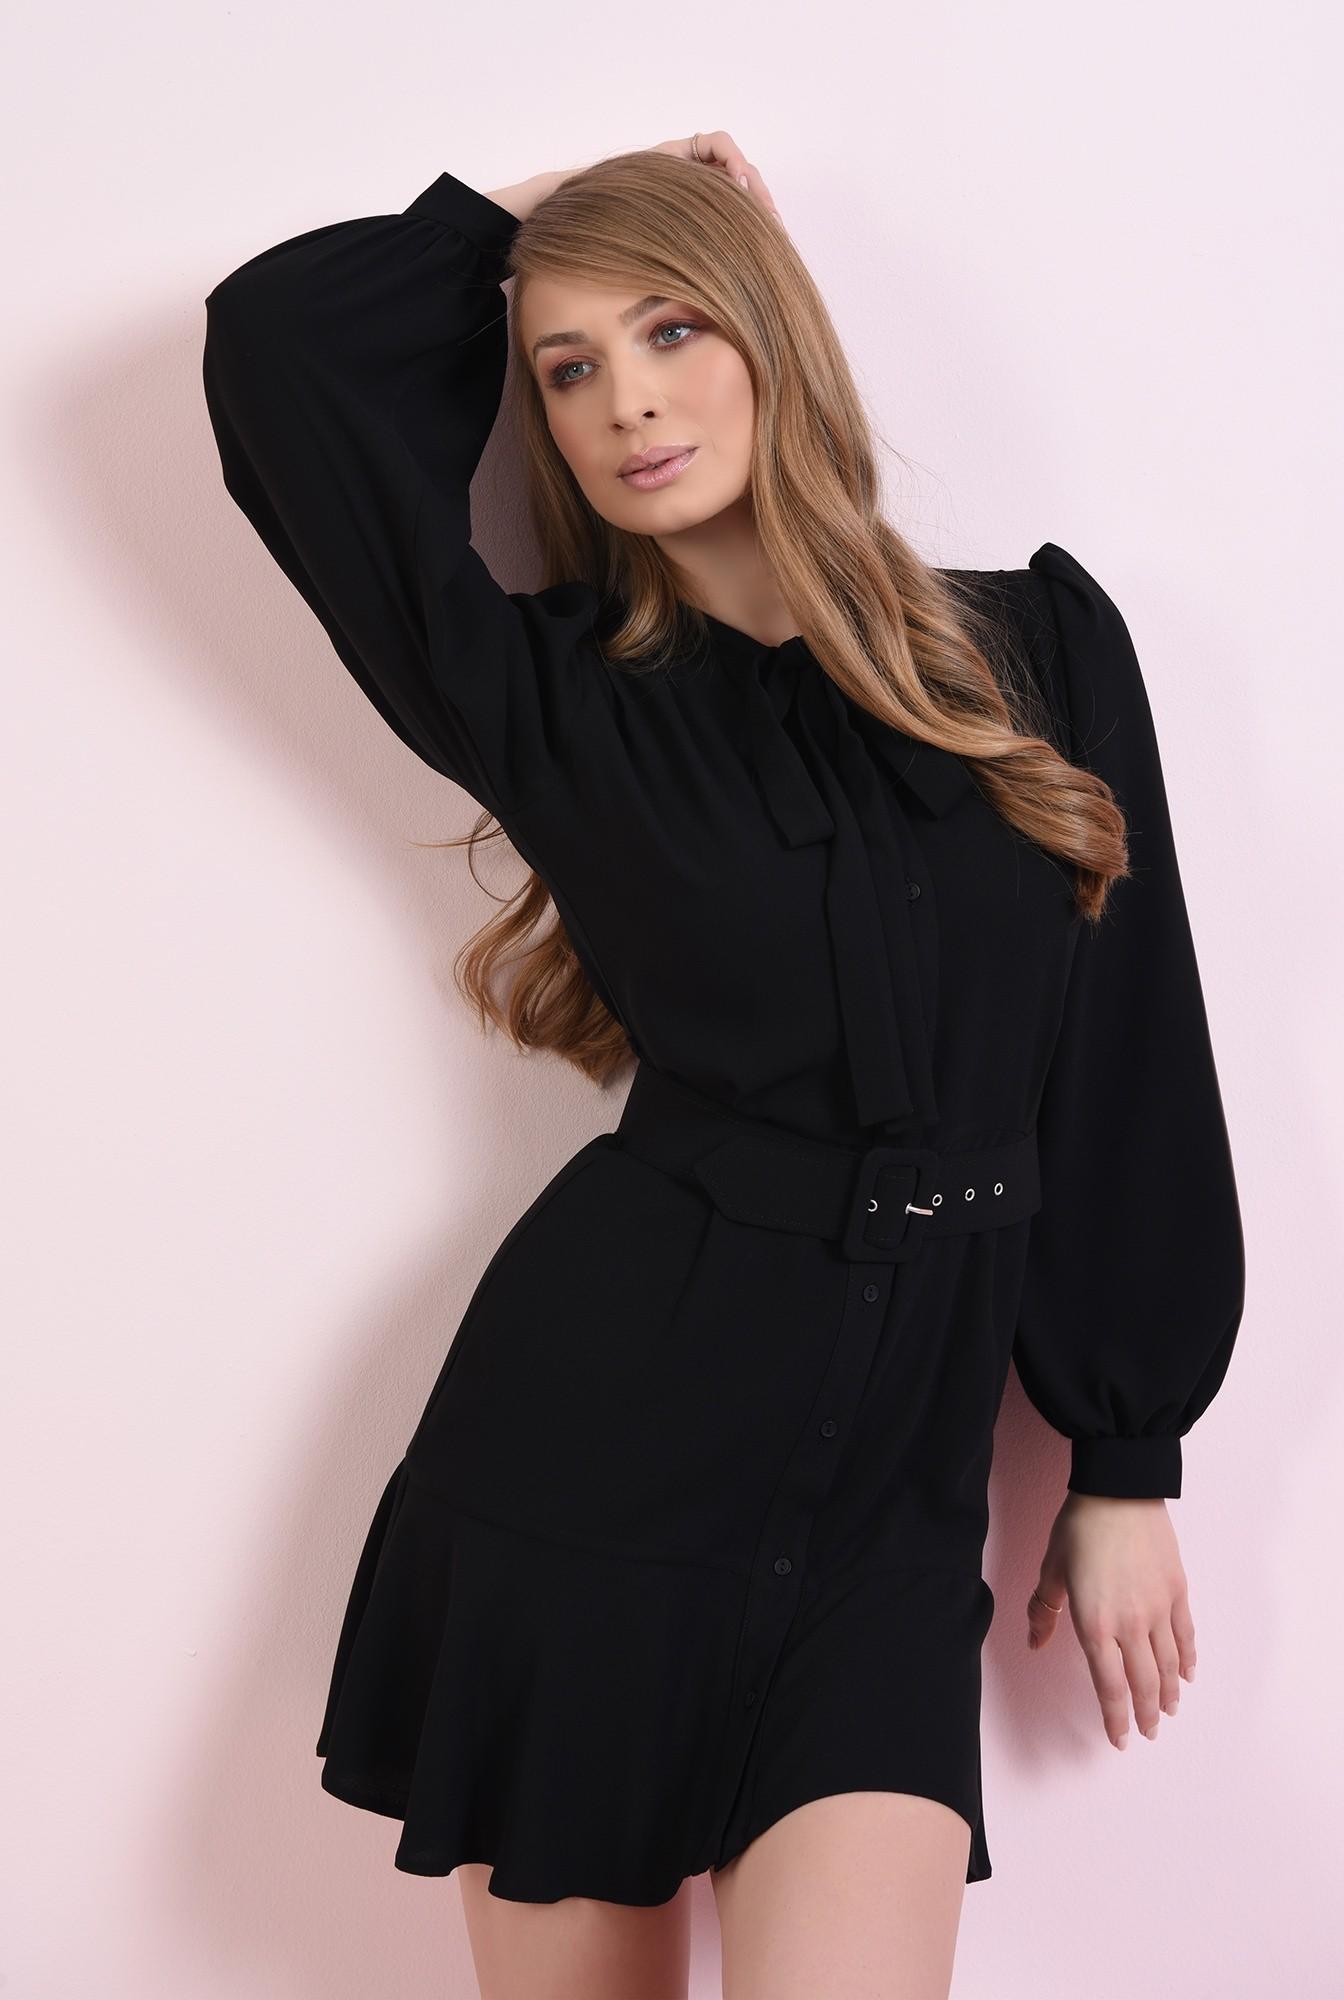 0 - rochie scurta, neagra, cu centura, cu funda